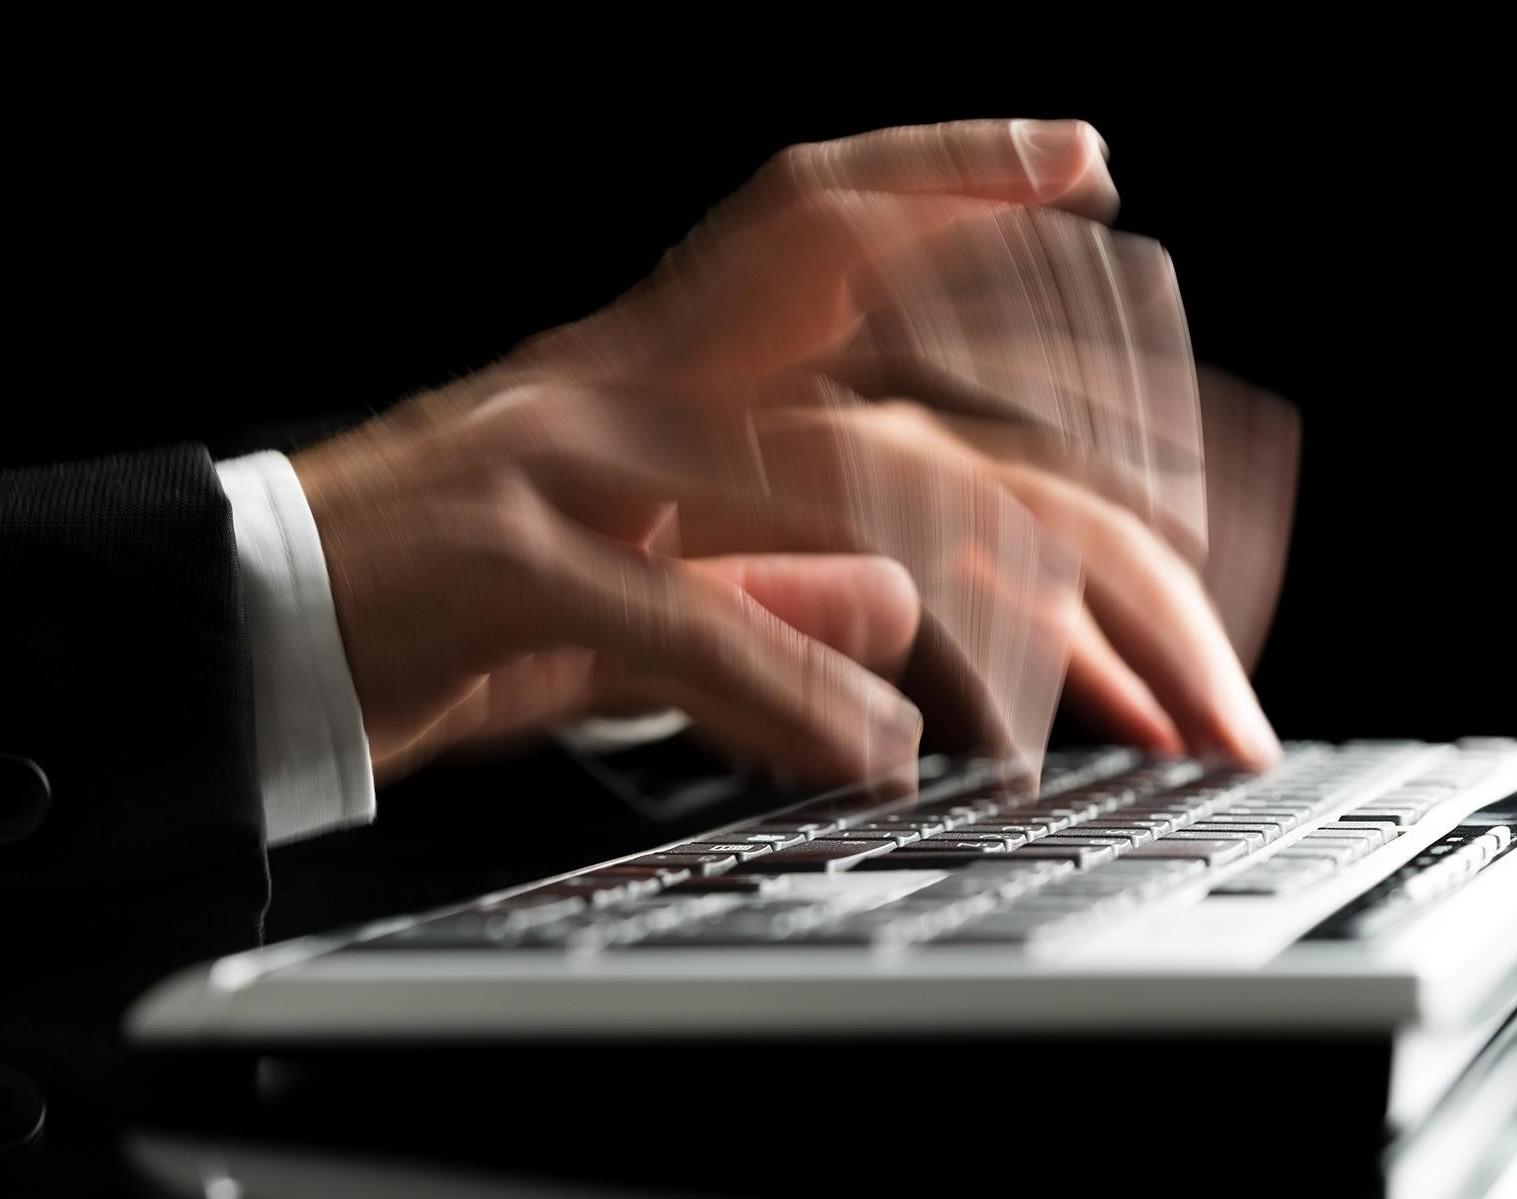 Хакеры показали московским водителям порно смотр ть